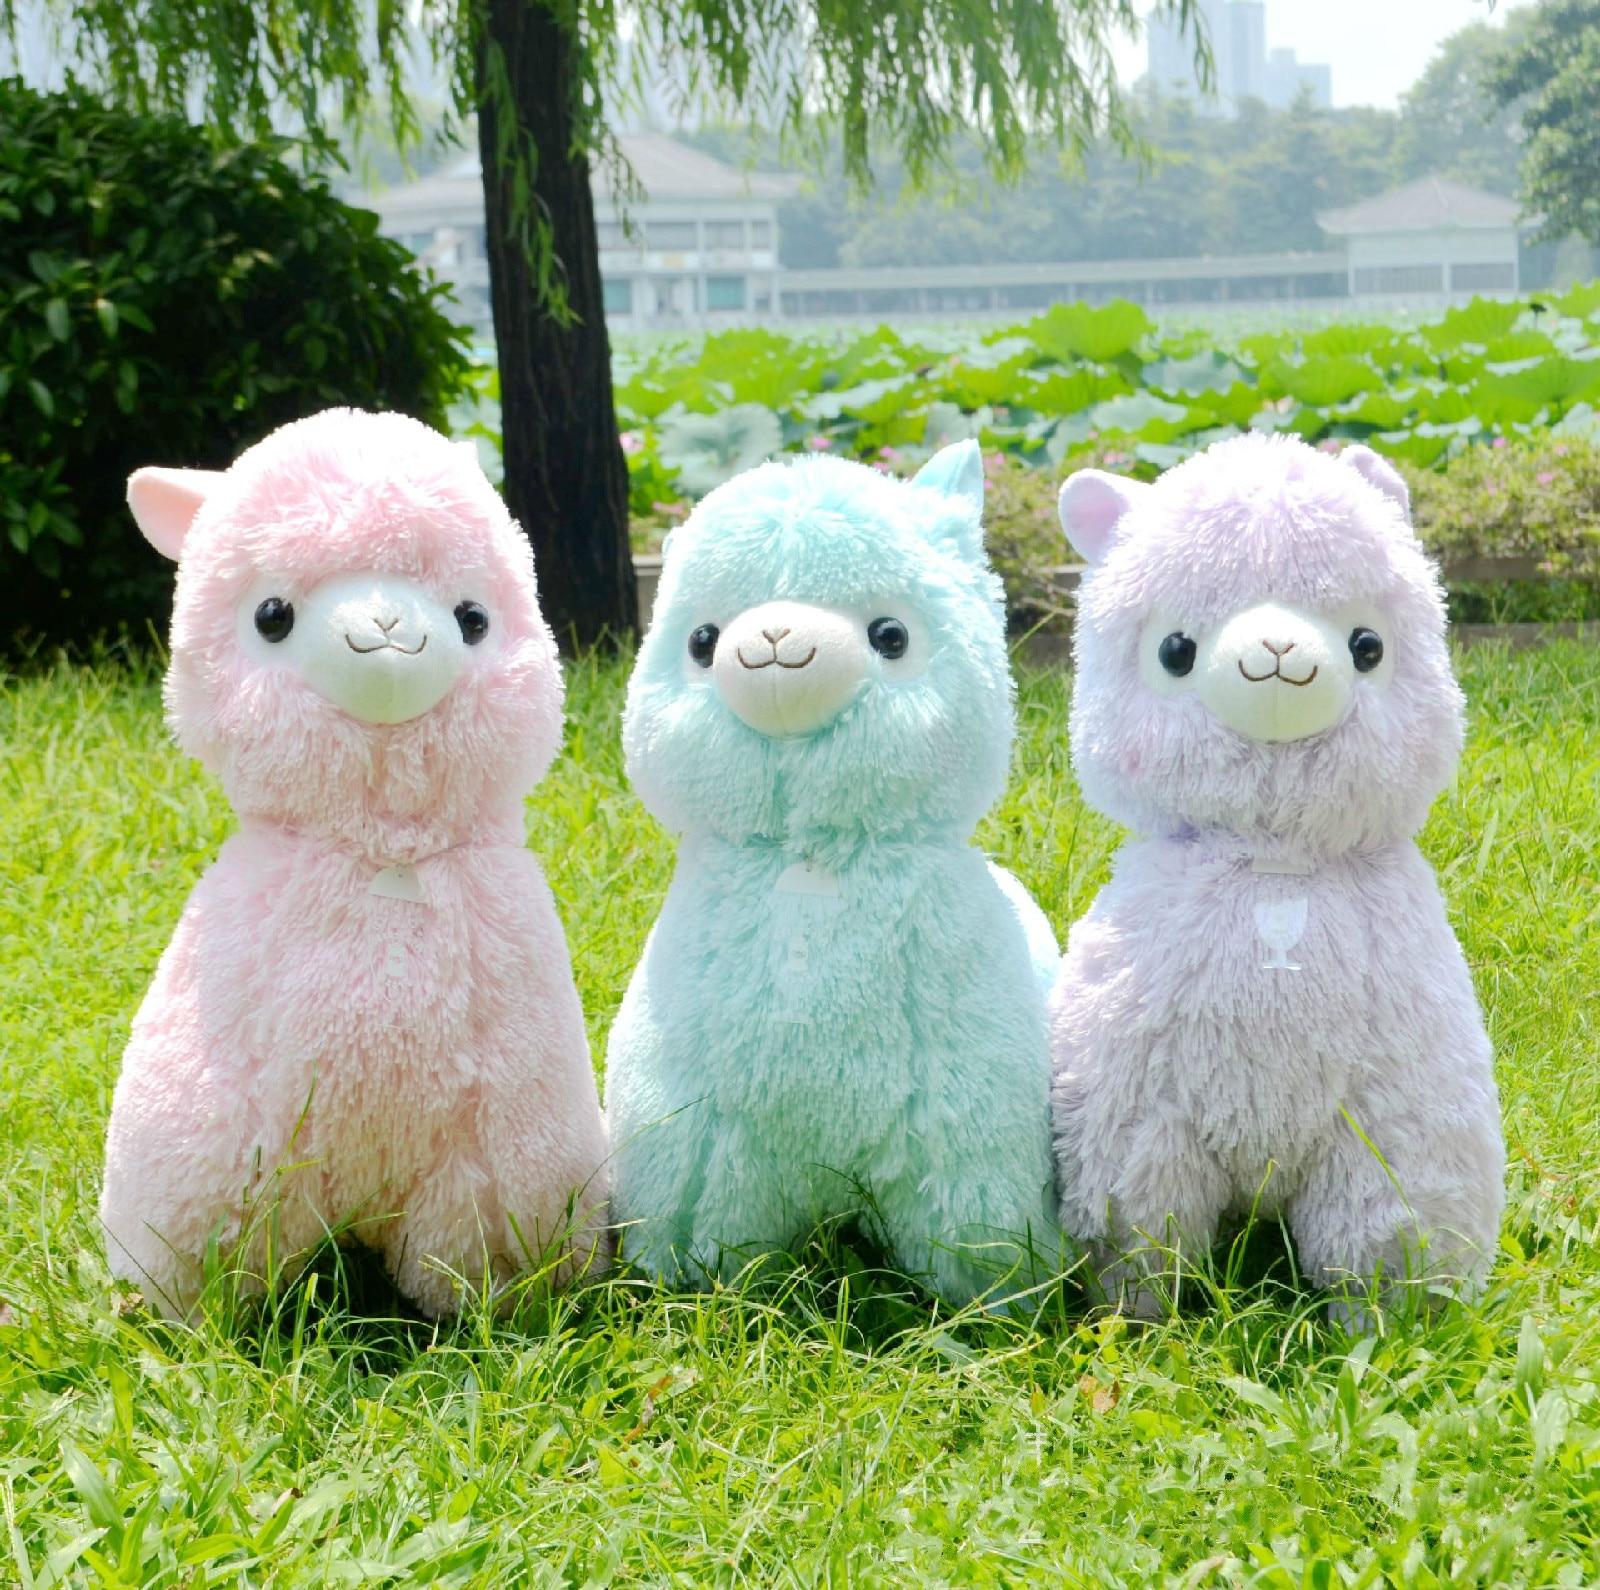 Alpacasso мягкие игрушки грязевая лошадка с куклой милые животные Альпака игрушка 5 цветов Kawaii плюш из шерсти альпаки для детей для девочки Лучш